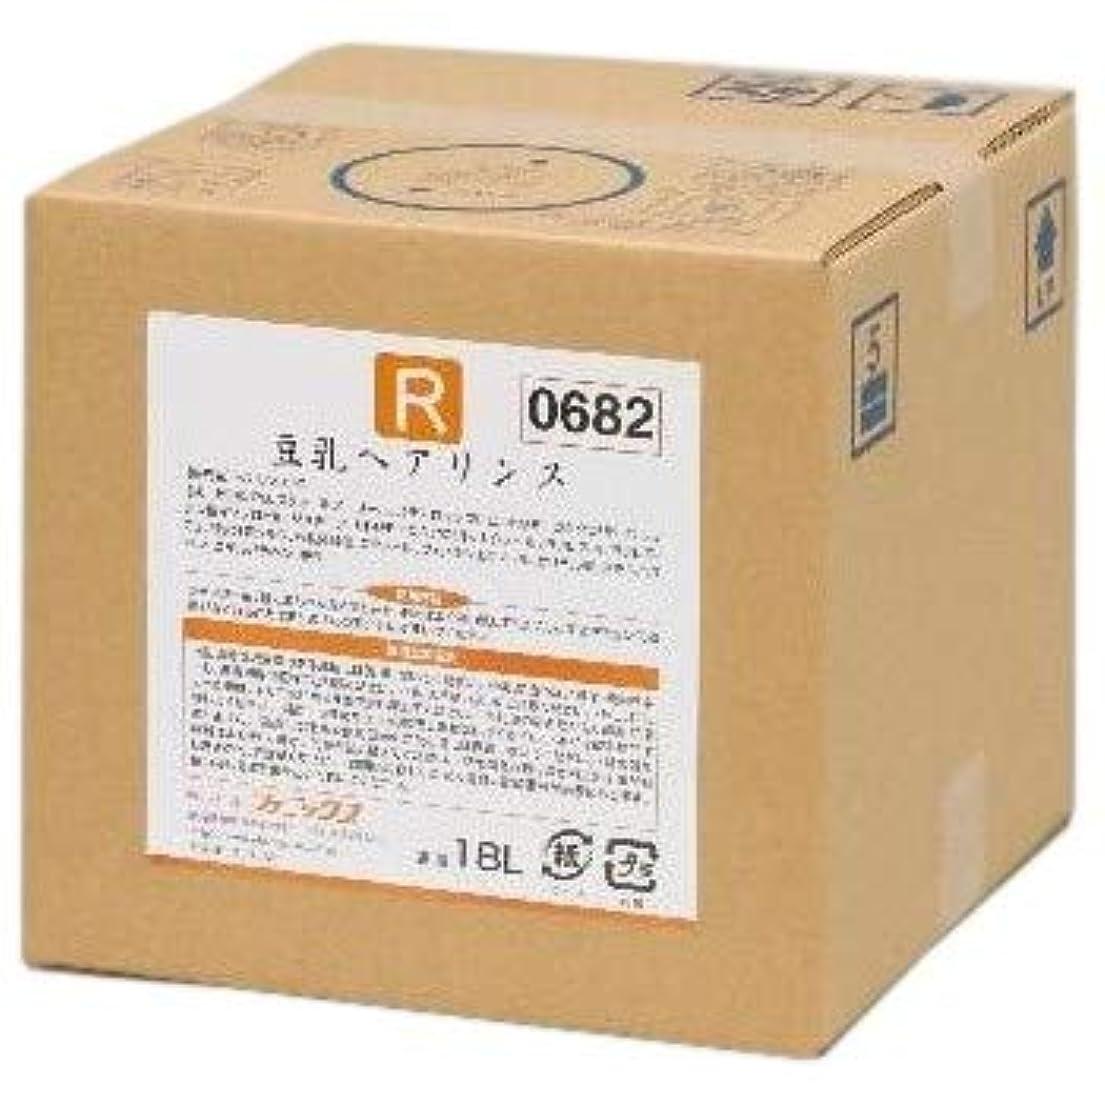 シャンプー許容できる段落豆乳ヘアリンス 18L 1個